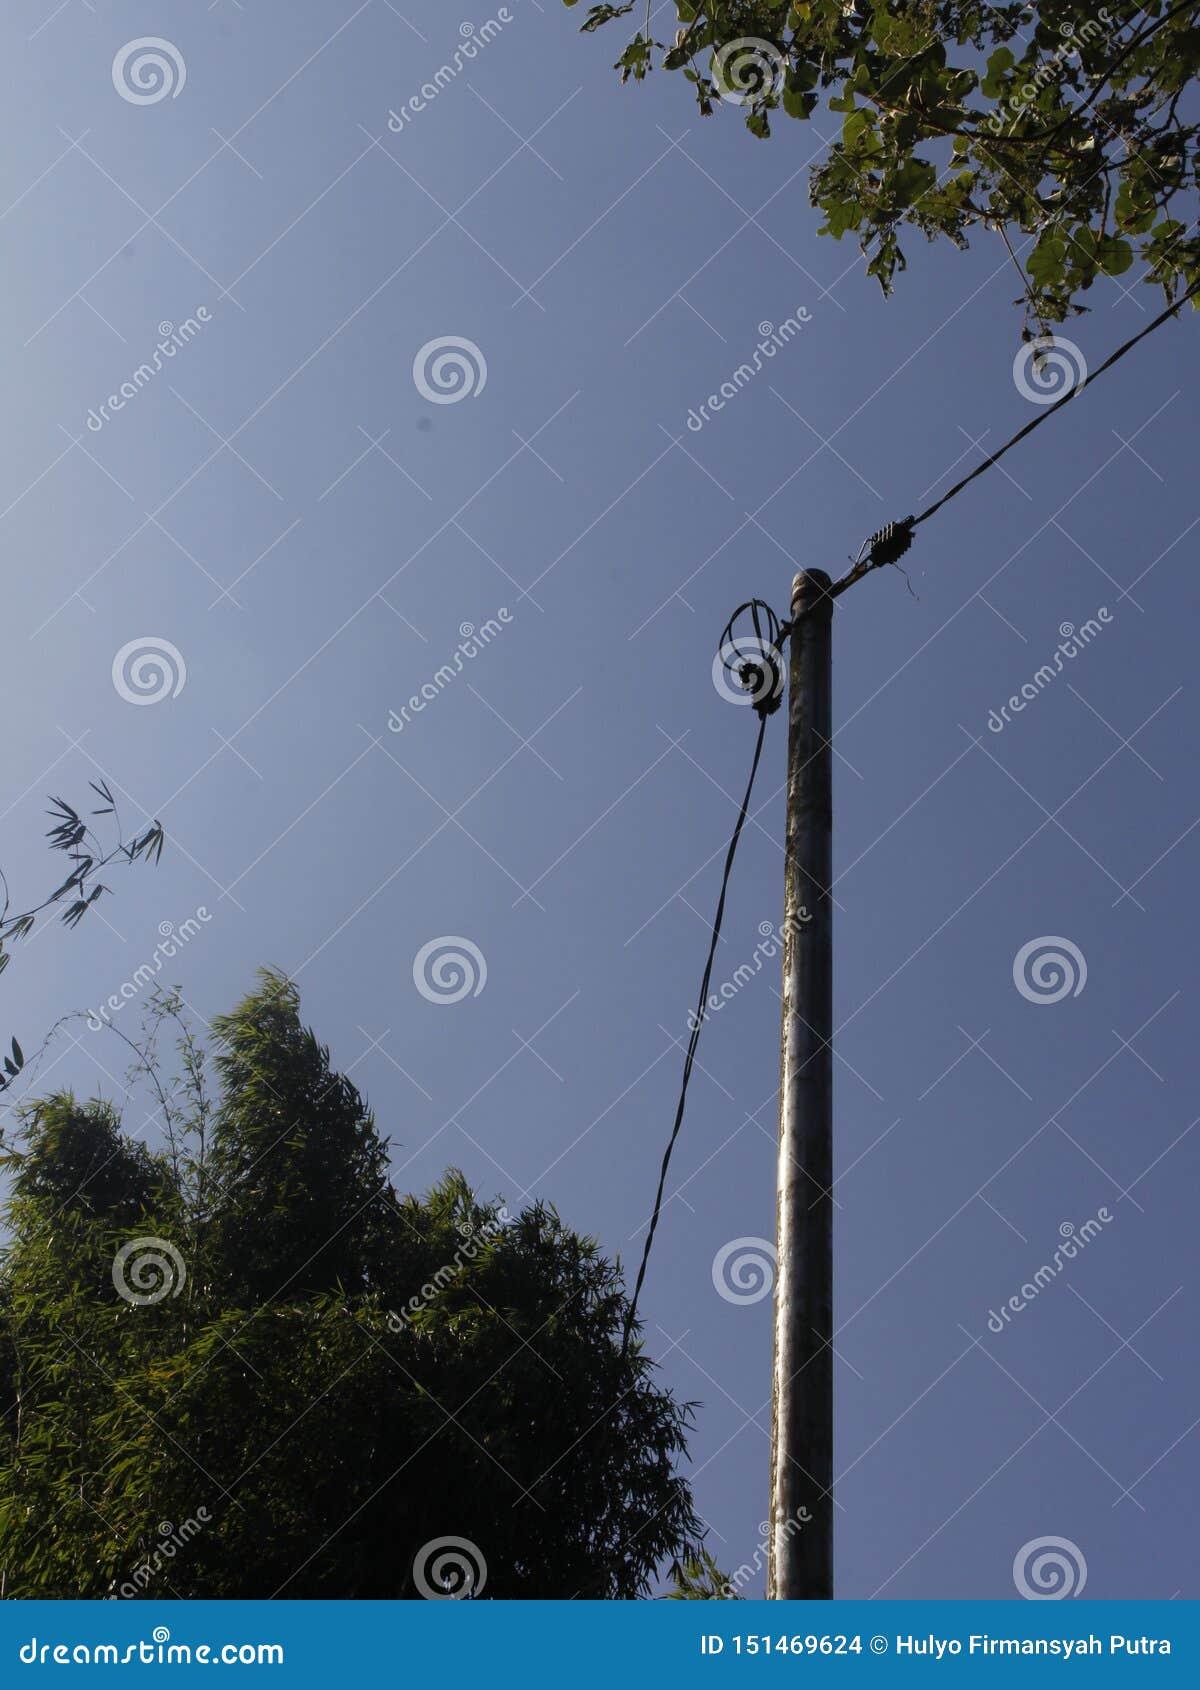 Minimalismus-Art aktiver elektrischer Pole mit Kabel